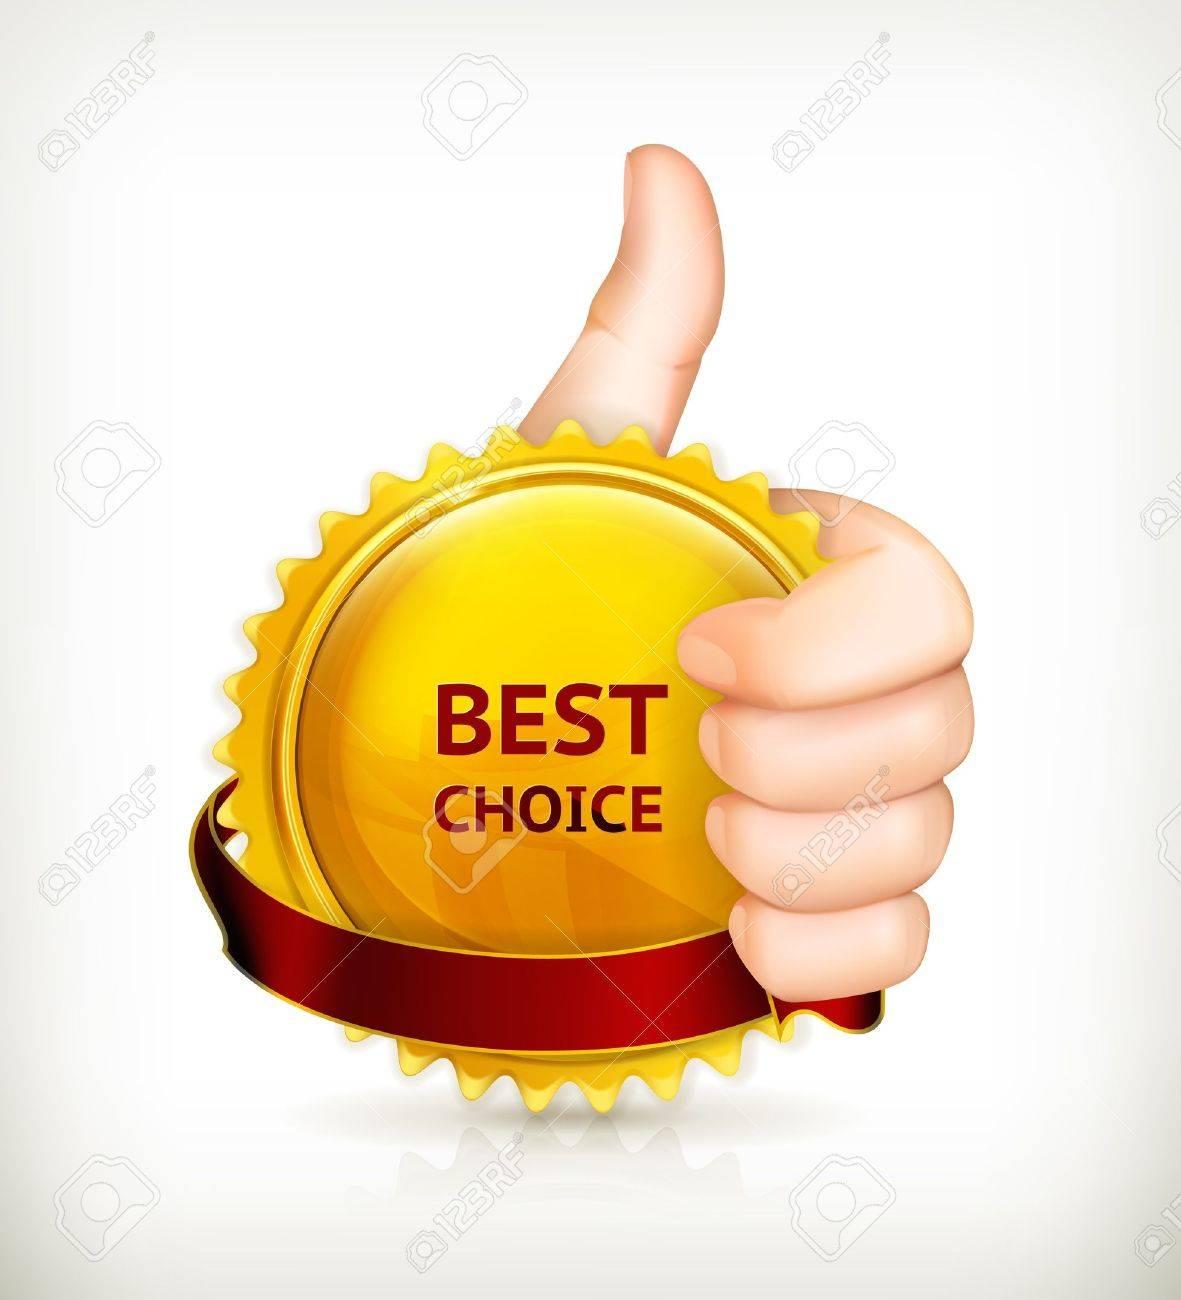 Best choice Stock Vector - 13899964